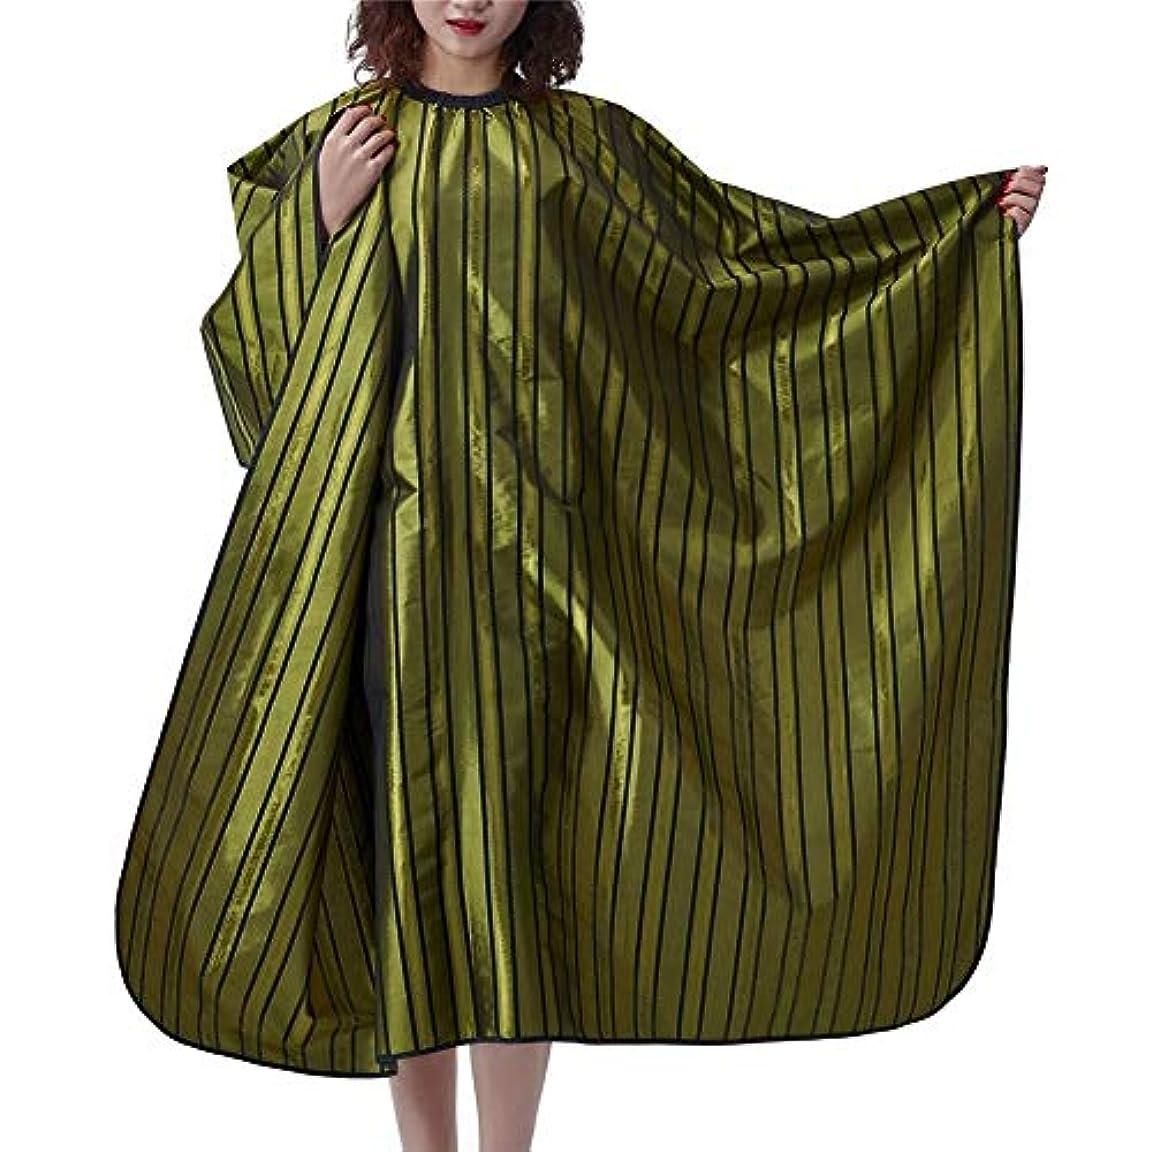 最適傷つける思慮のないHIZLJJ ヘアスタイリスト、クライアント、男性、女性用のスナップ付きのサロンとバーバーケープ-ヘアカット、スタイリング、トリミングケープとガウン-スナップ付きの理髪ガウンカバー-余分な長い、スタイリッシュ、防水 (Color : Green)